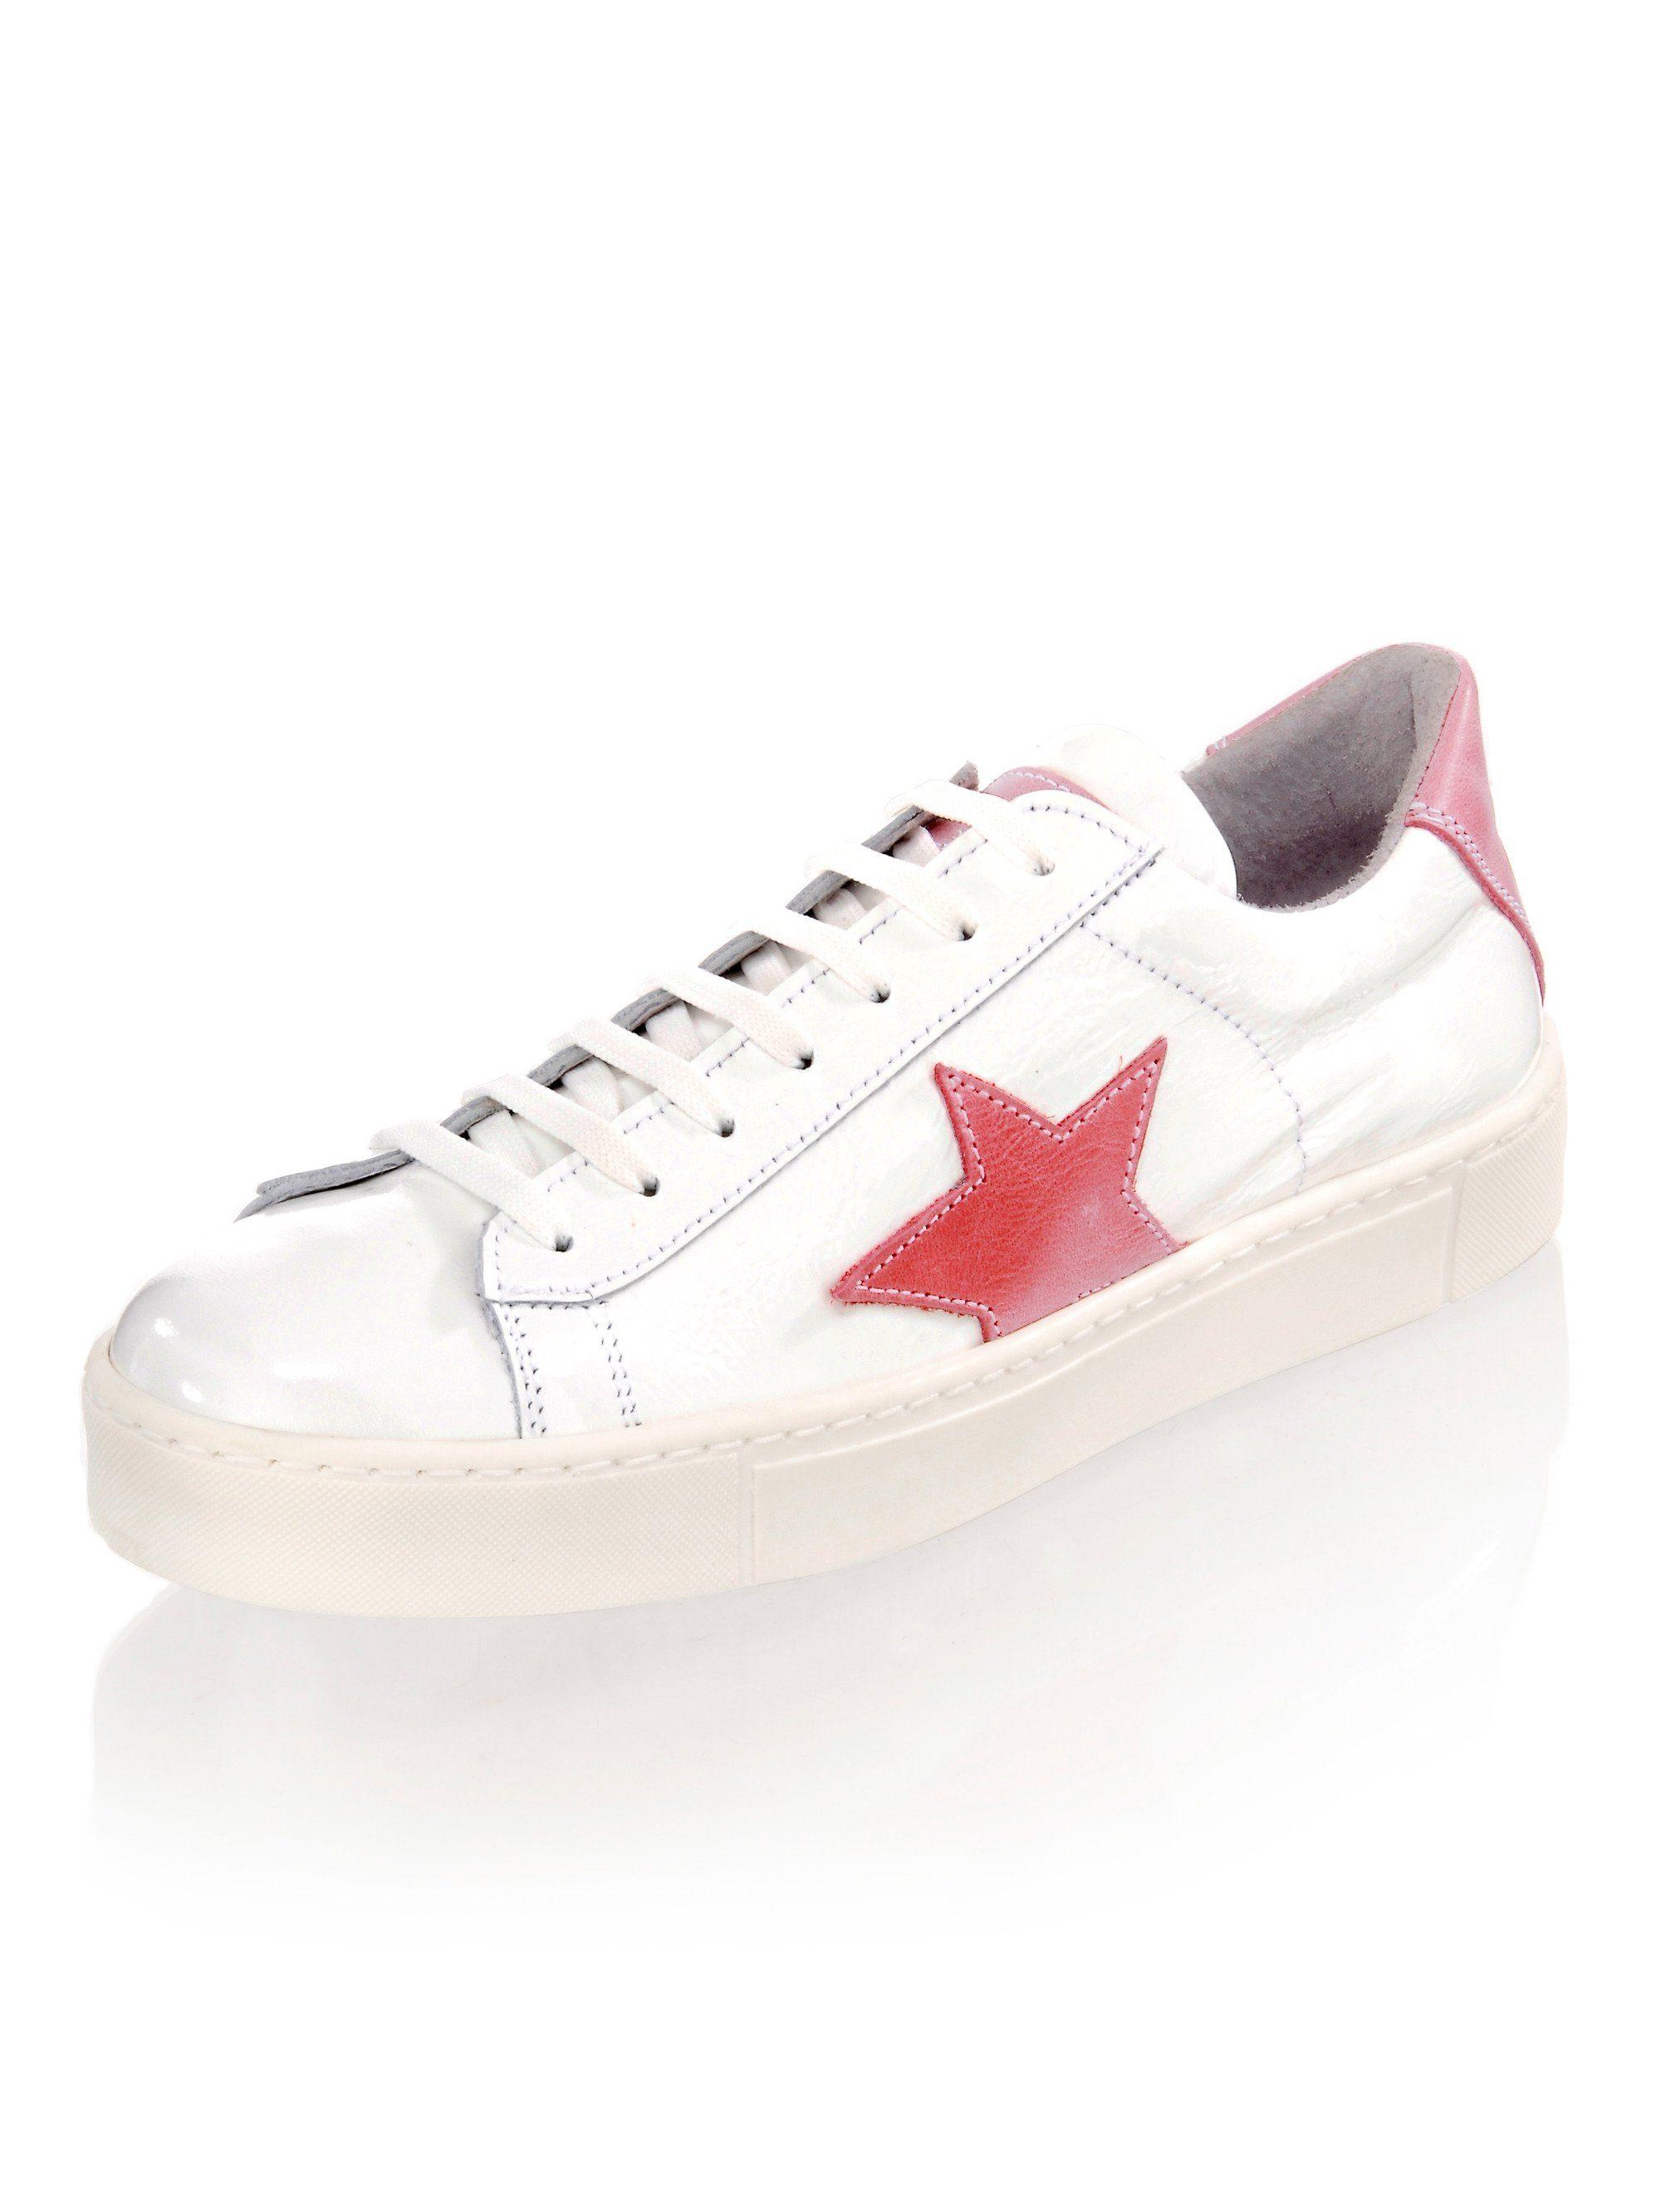 aldo shoes zahlenstrahl 1000